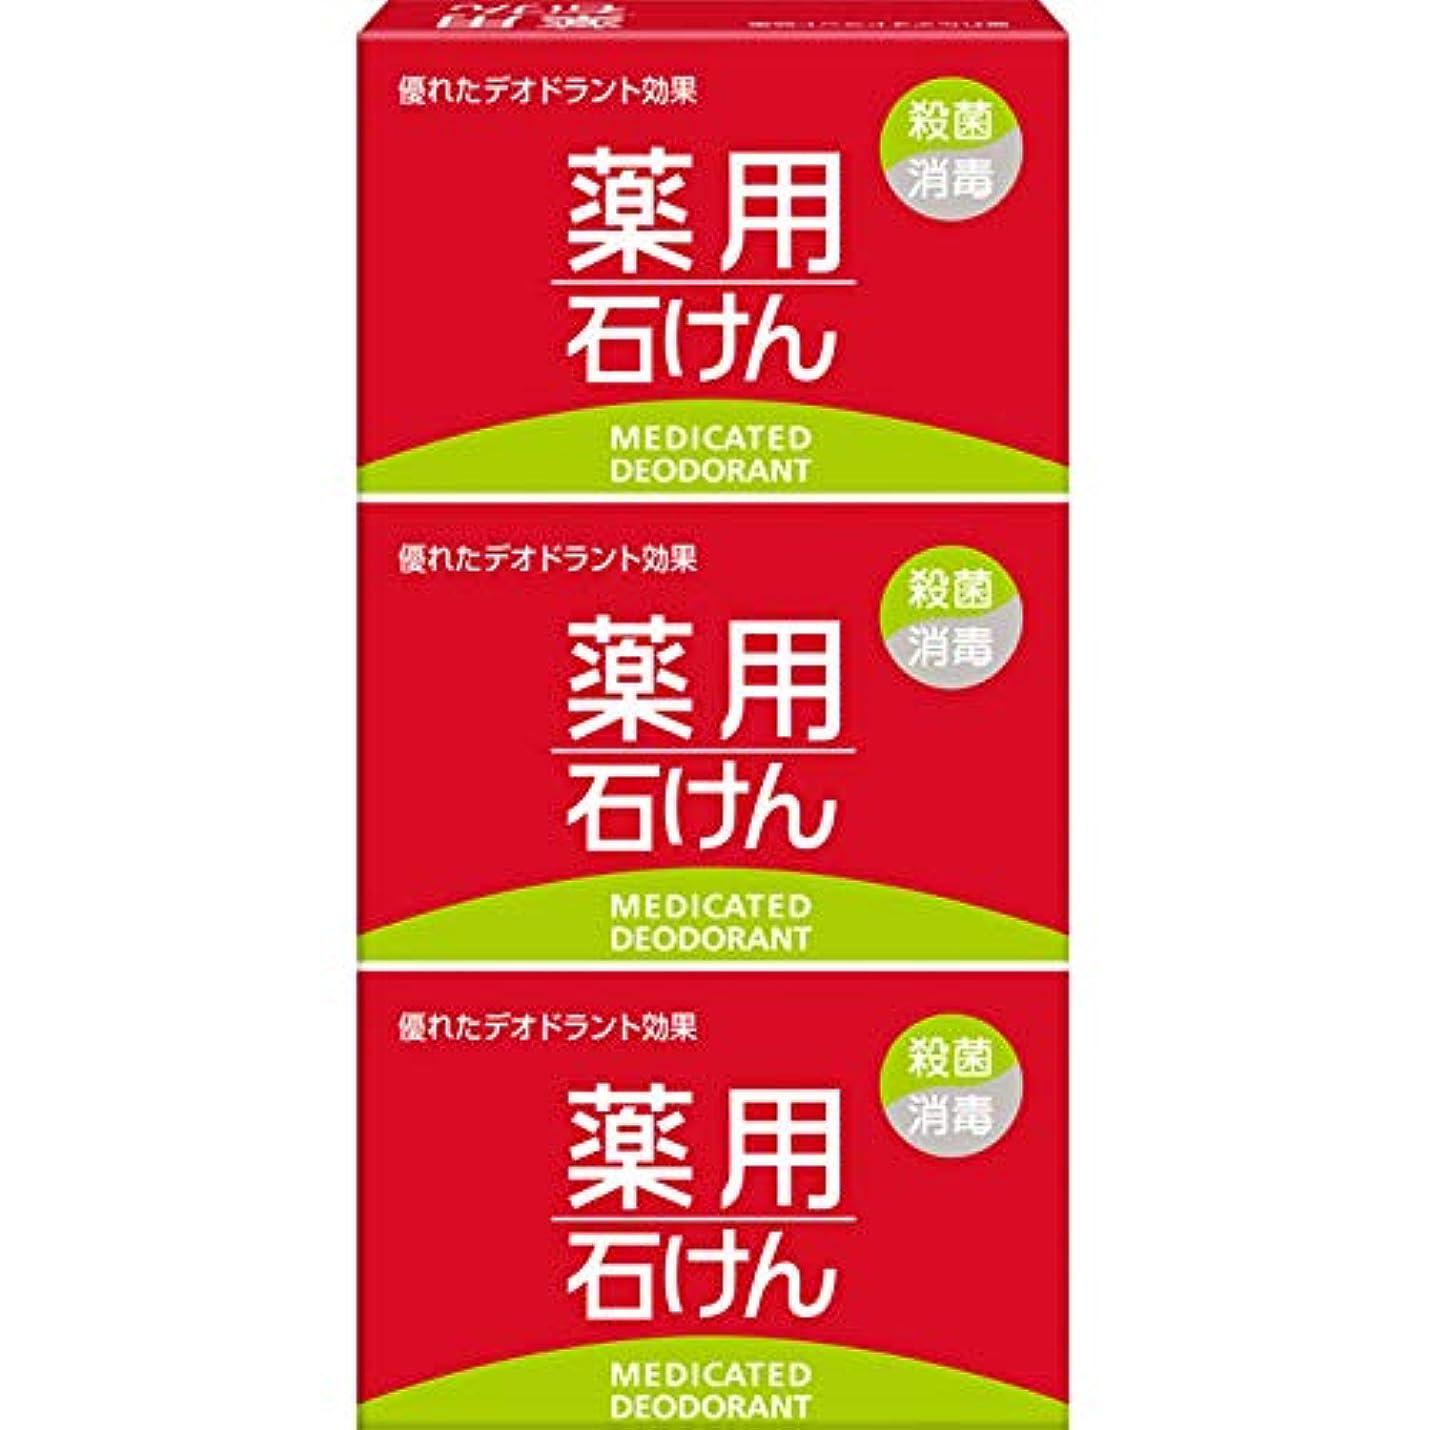 開発拮抗する理容室MK 薬用石けん 100g×3個 (医薬部外品)